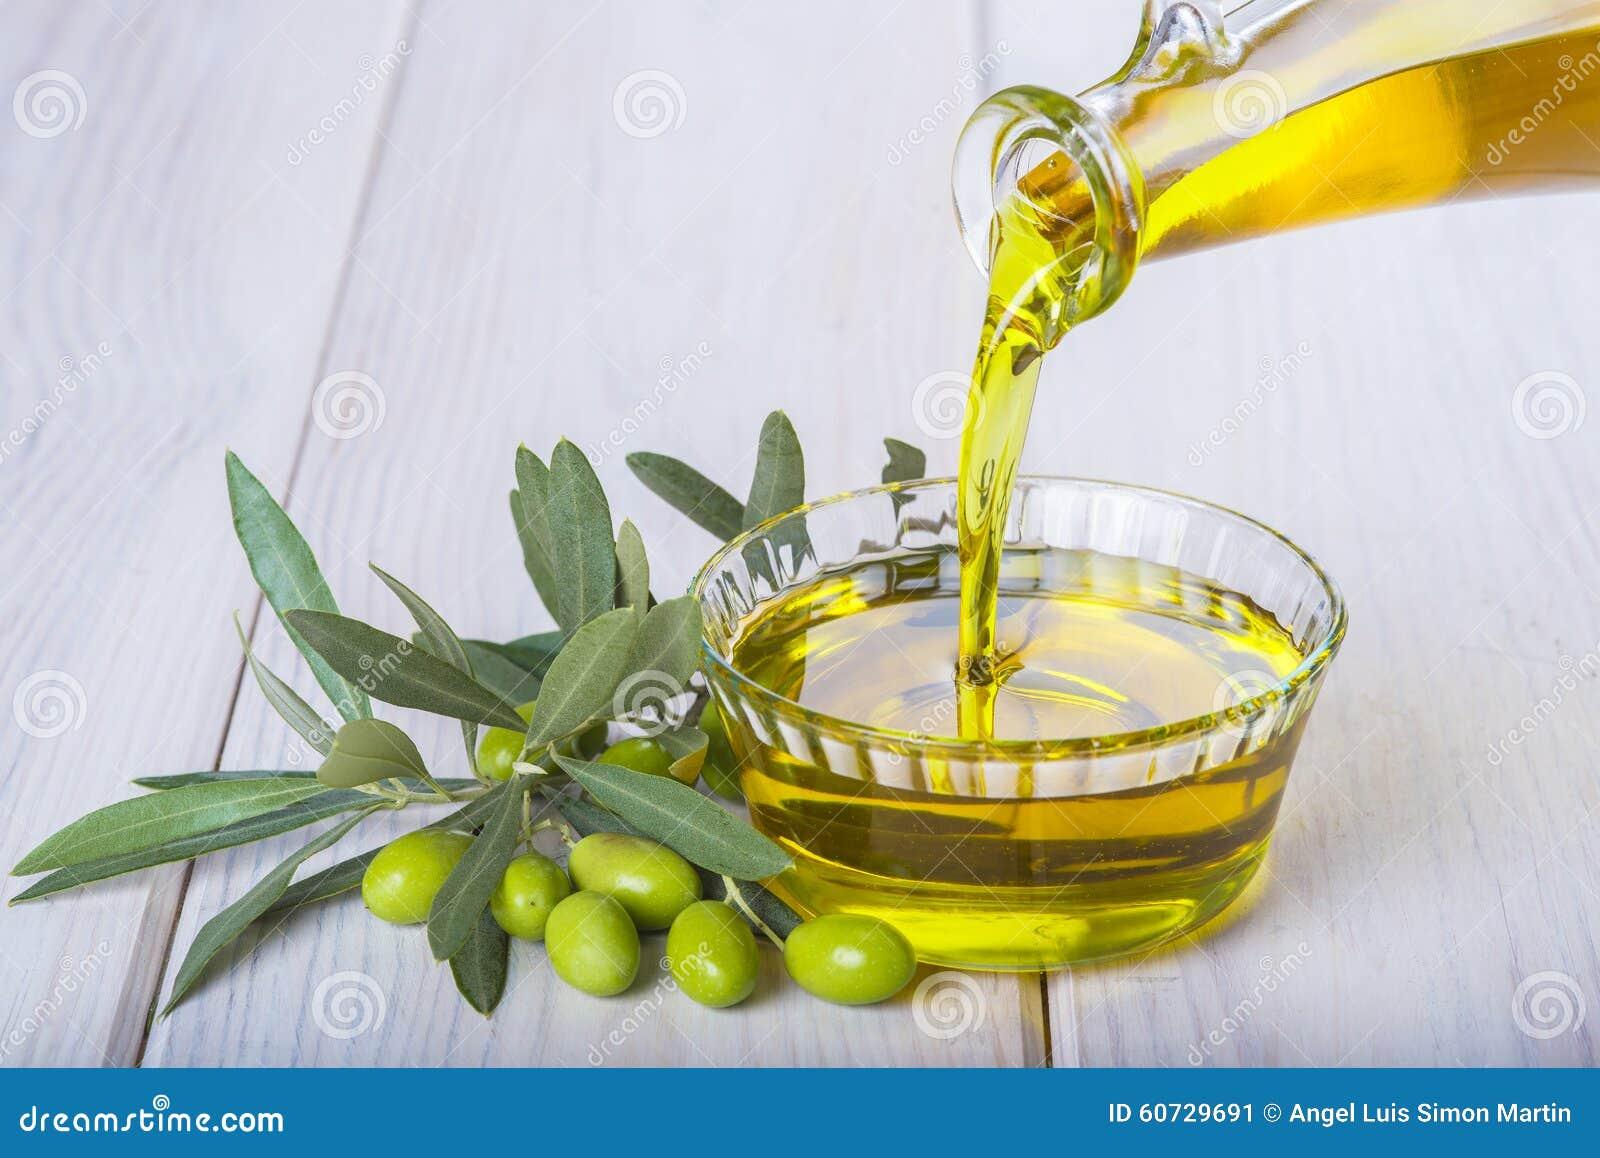 Buteljera hällande jungfrulig extra olivolja i en bunke